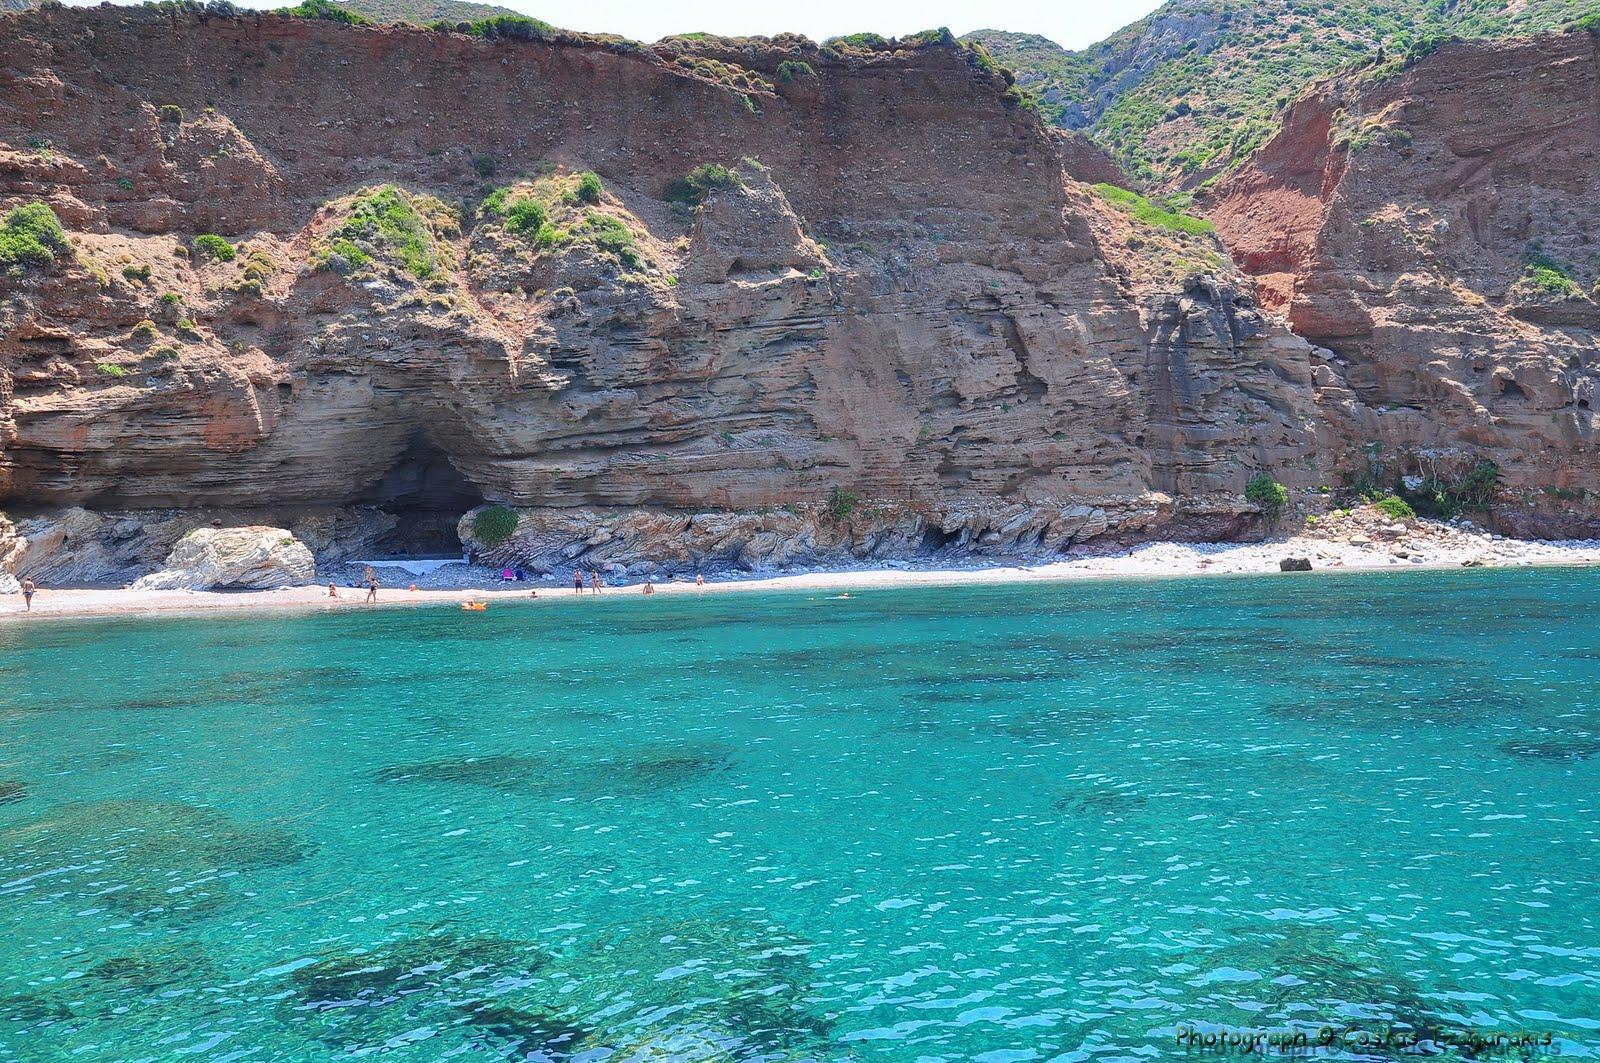 Ταξίδι στα καταπληκτικά Κύθηρα με drone!Δείτε την ομορφιά του νησιού από ψηλά!!!(photo & video)